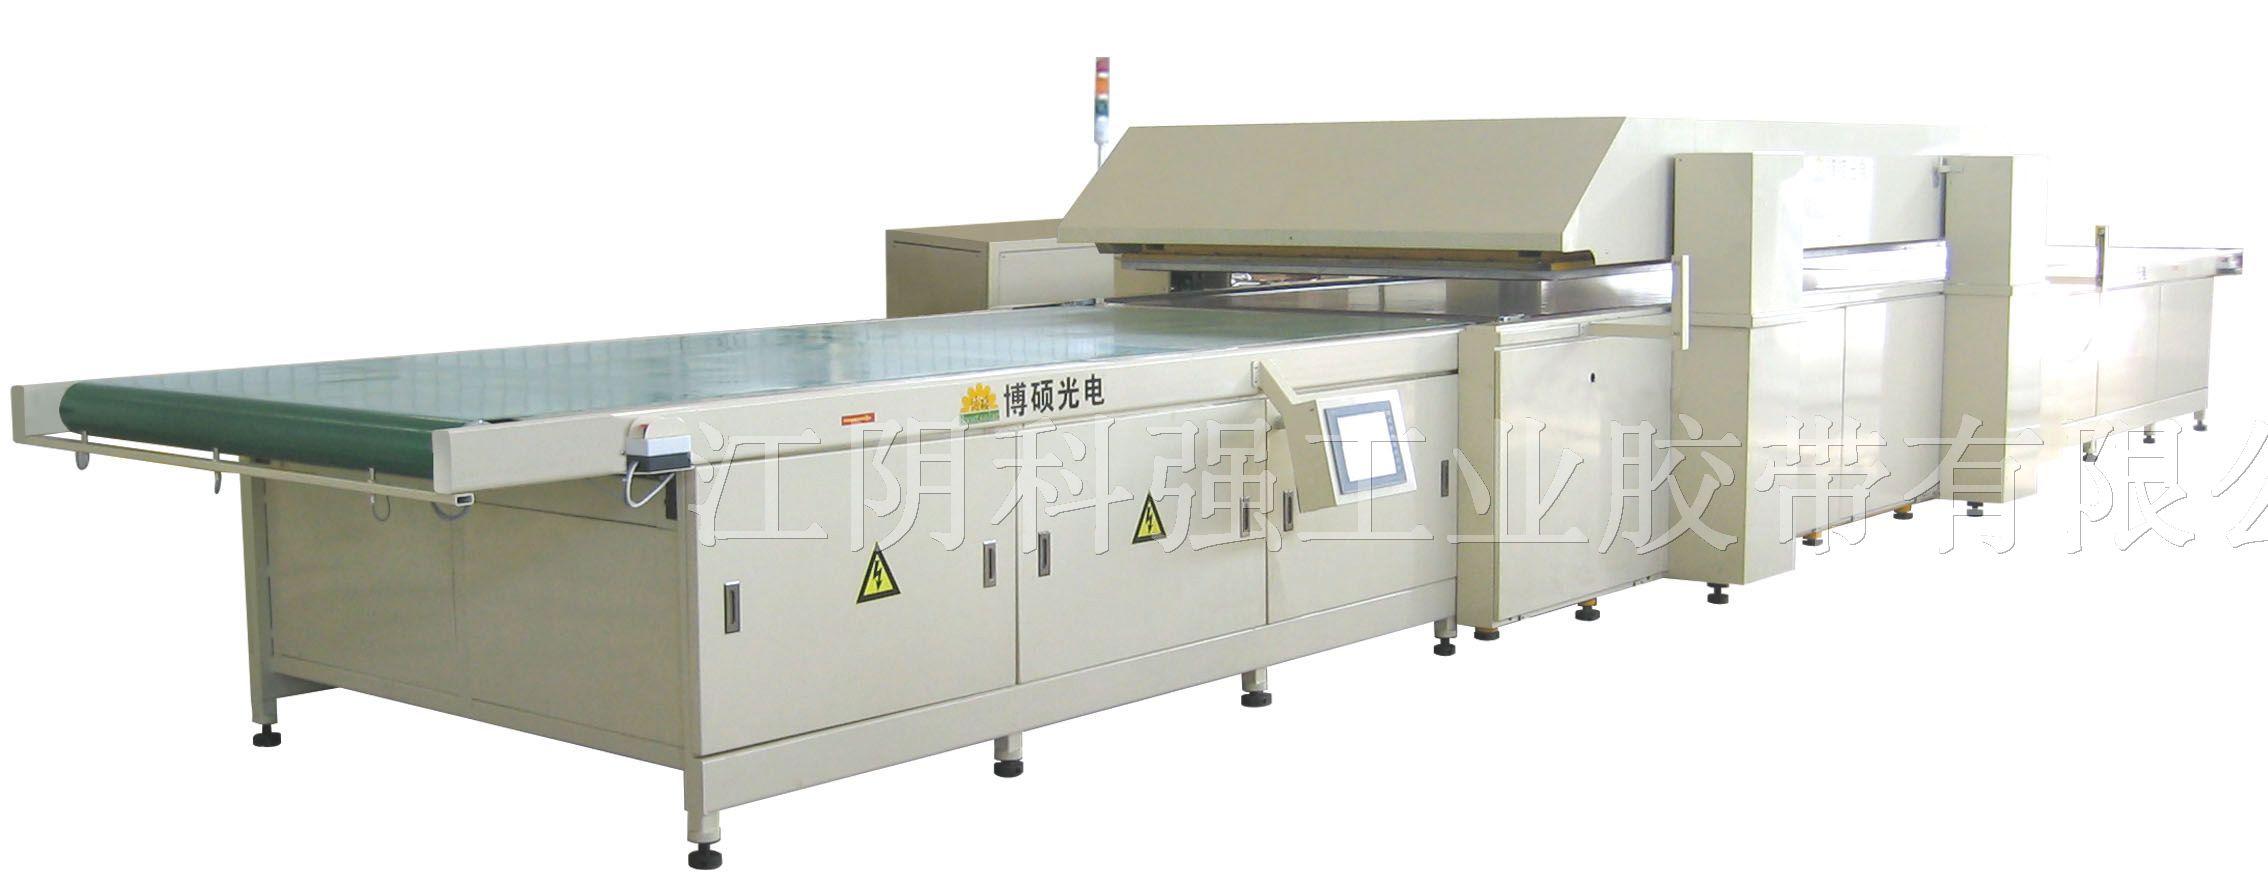 供应太阳能组件层压机硅胶板图片